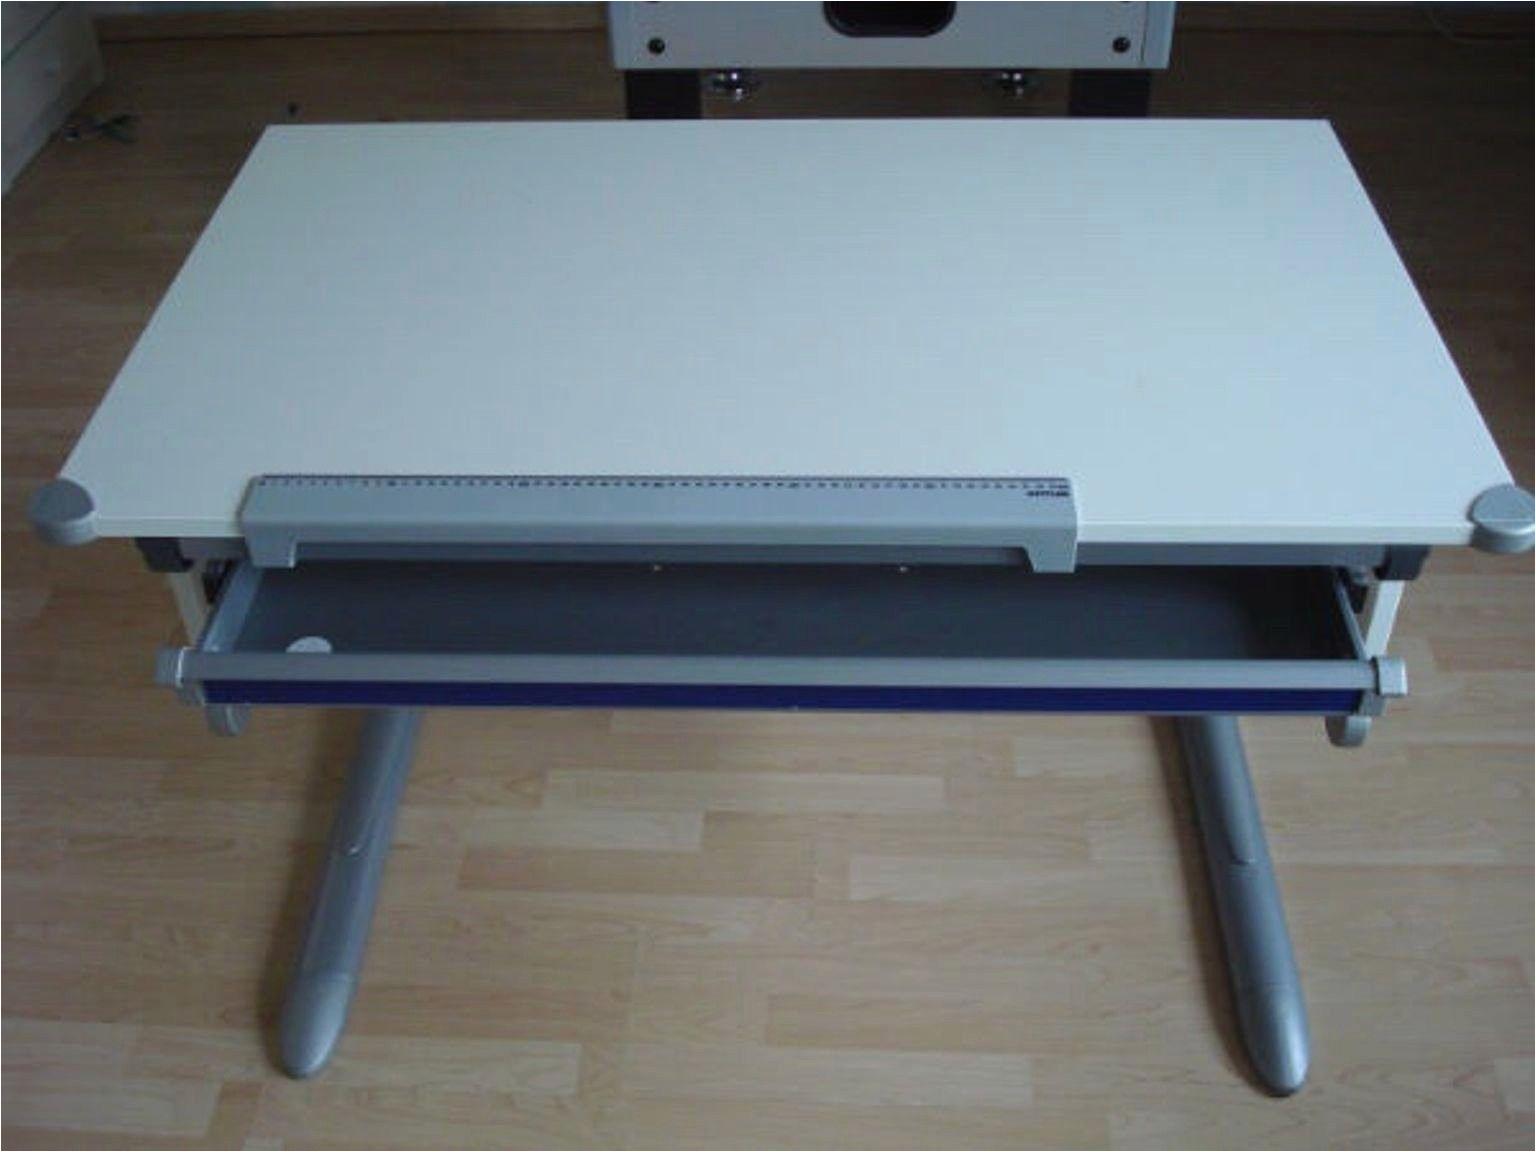 schreibtisch mit stuhl stuhl schreibtisch einzigartig dr no stuhl elegant bmw x5 3 0d luxus